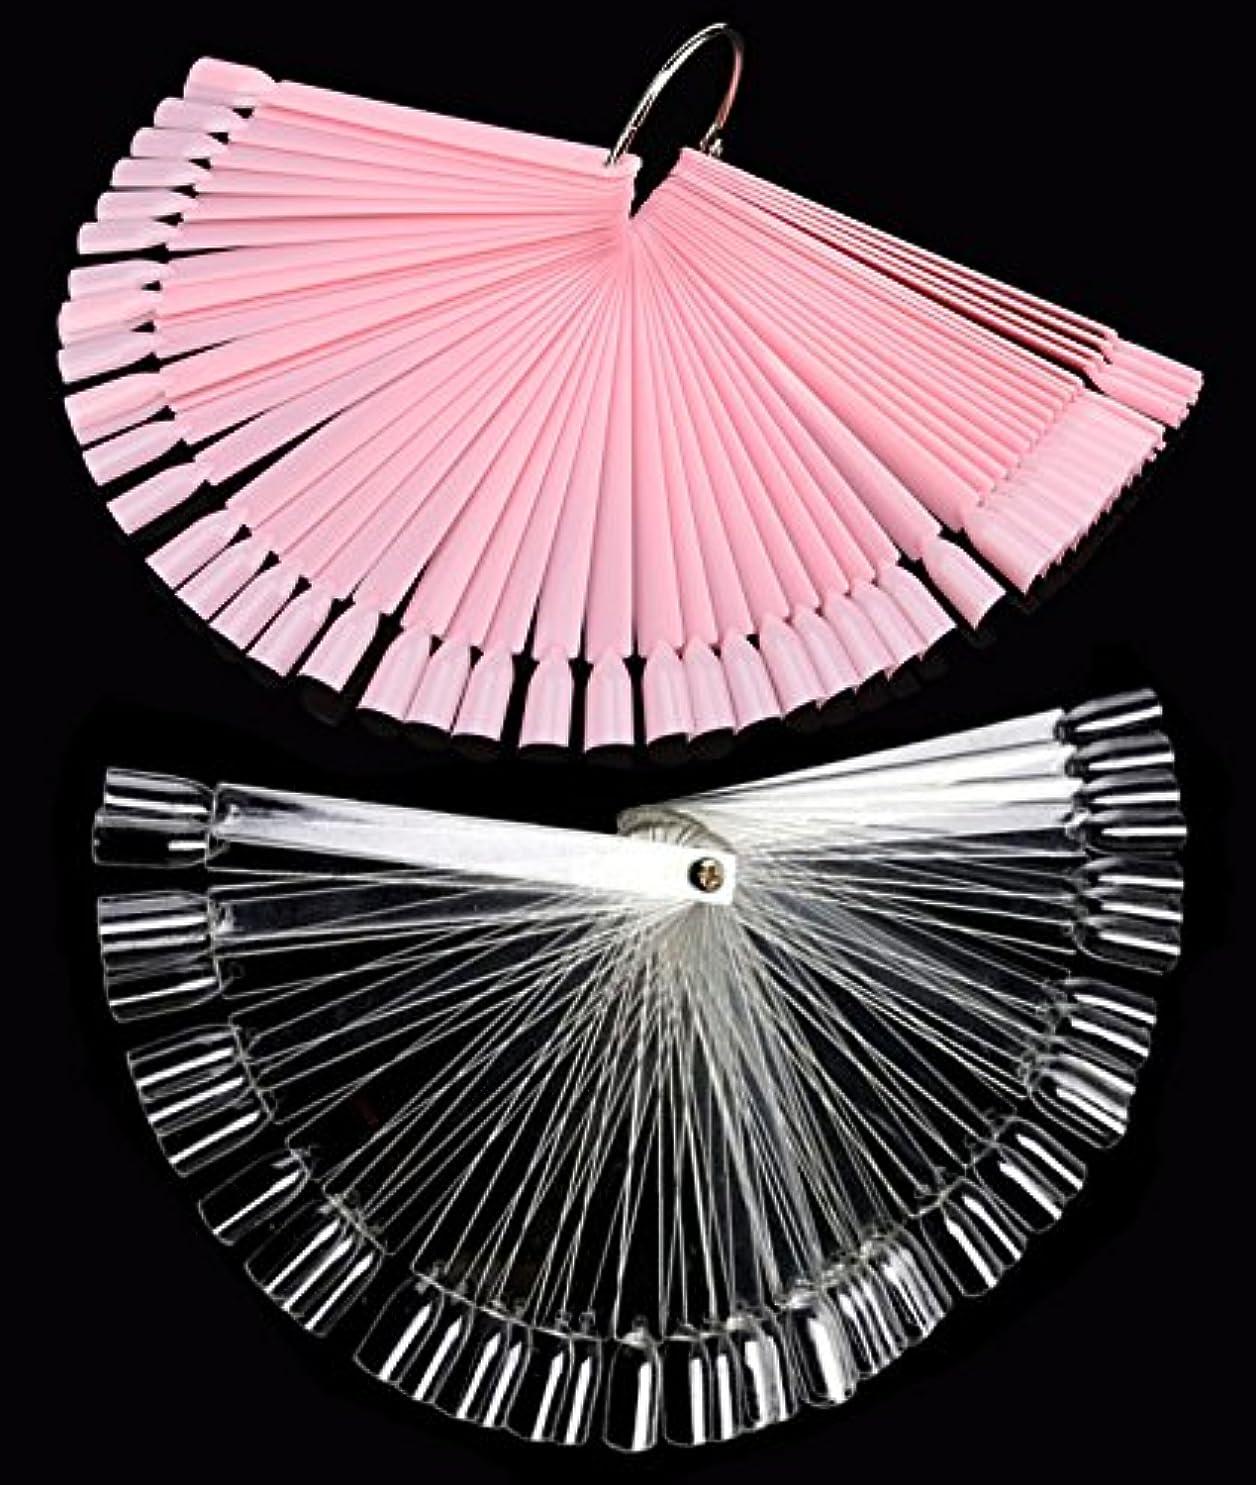 ひも敬の念義務ネイル カラーチャート 100枚 折り畳み式 プロ専用 新人練習用 ネイル カラーチャート